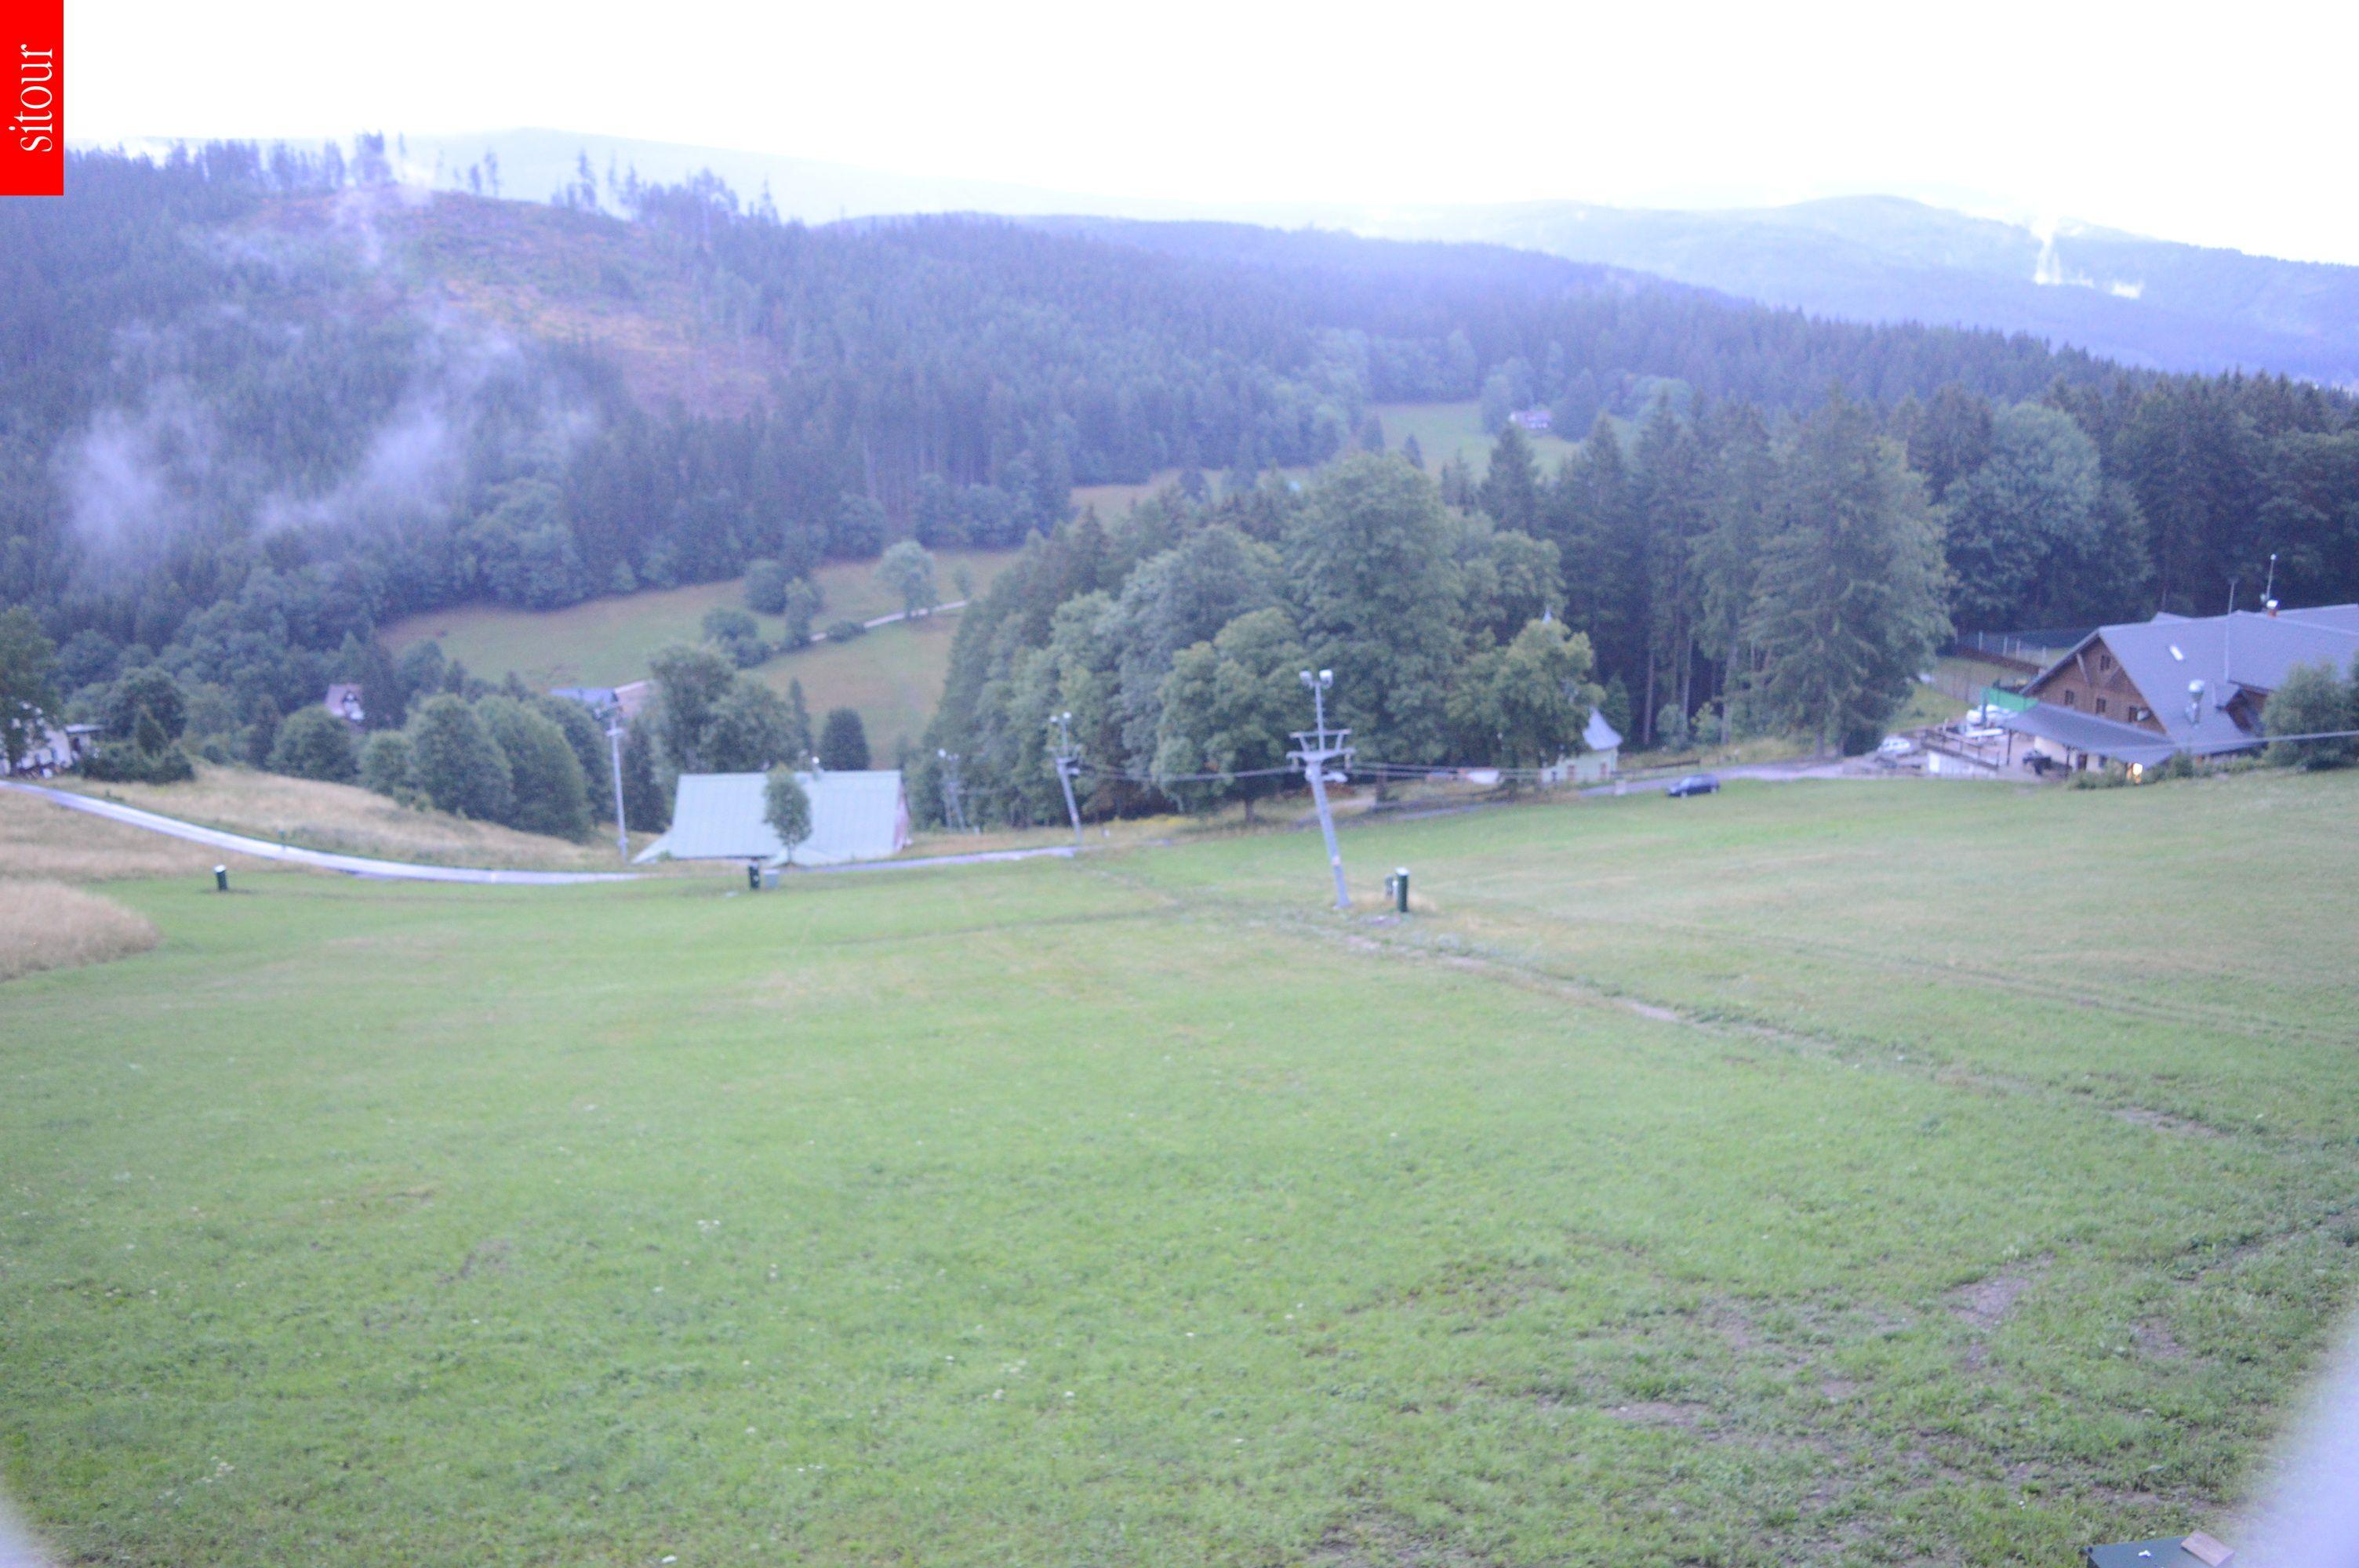 Webcam Ski Resort Strazne cam 2 - Giant Mountains